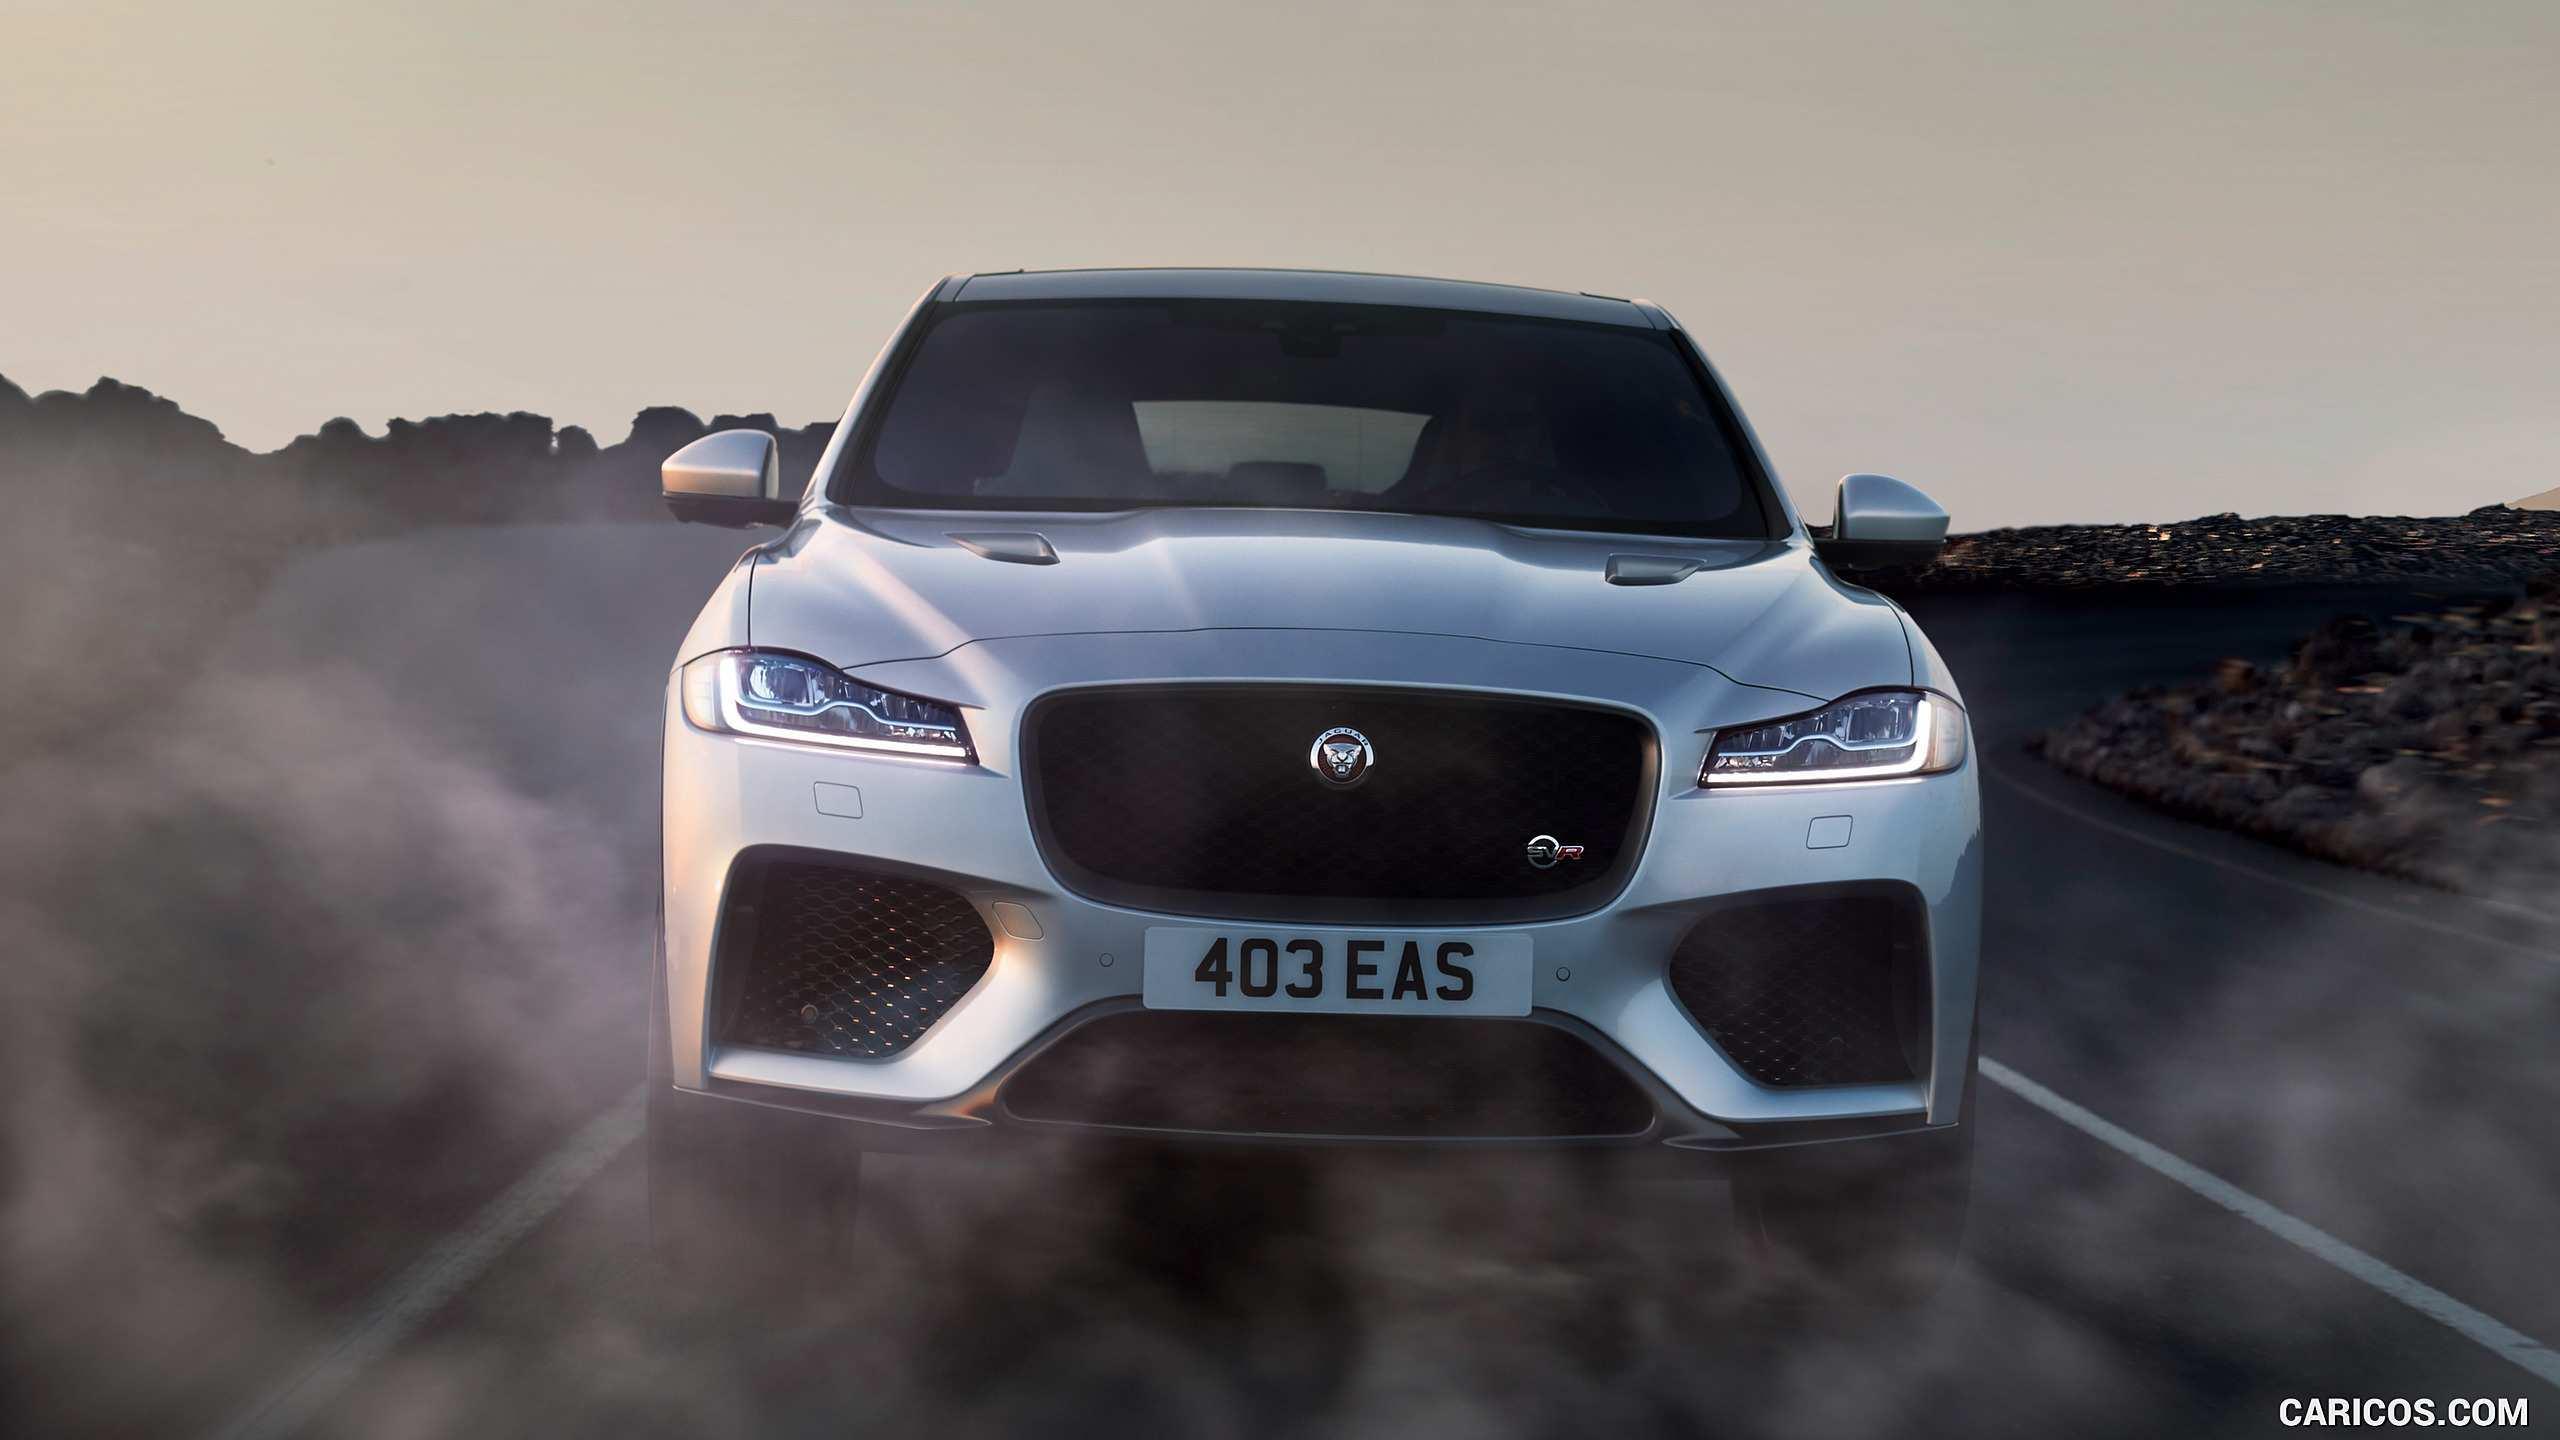 20 Concept of 2019 Jaguar F Pace Svr Review for 2019 Jaguar F Pace Svr